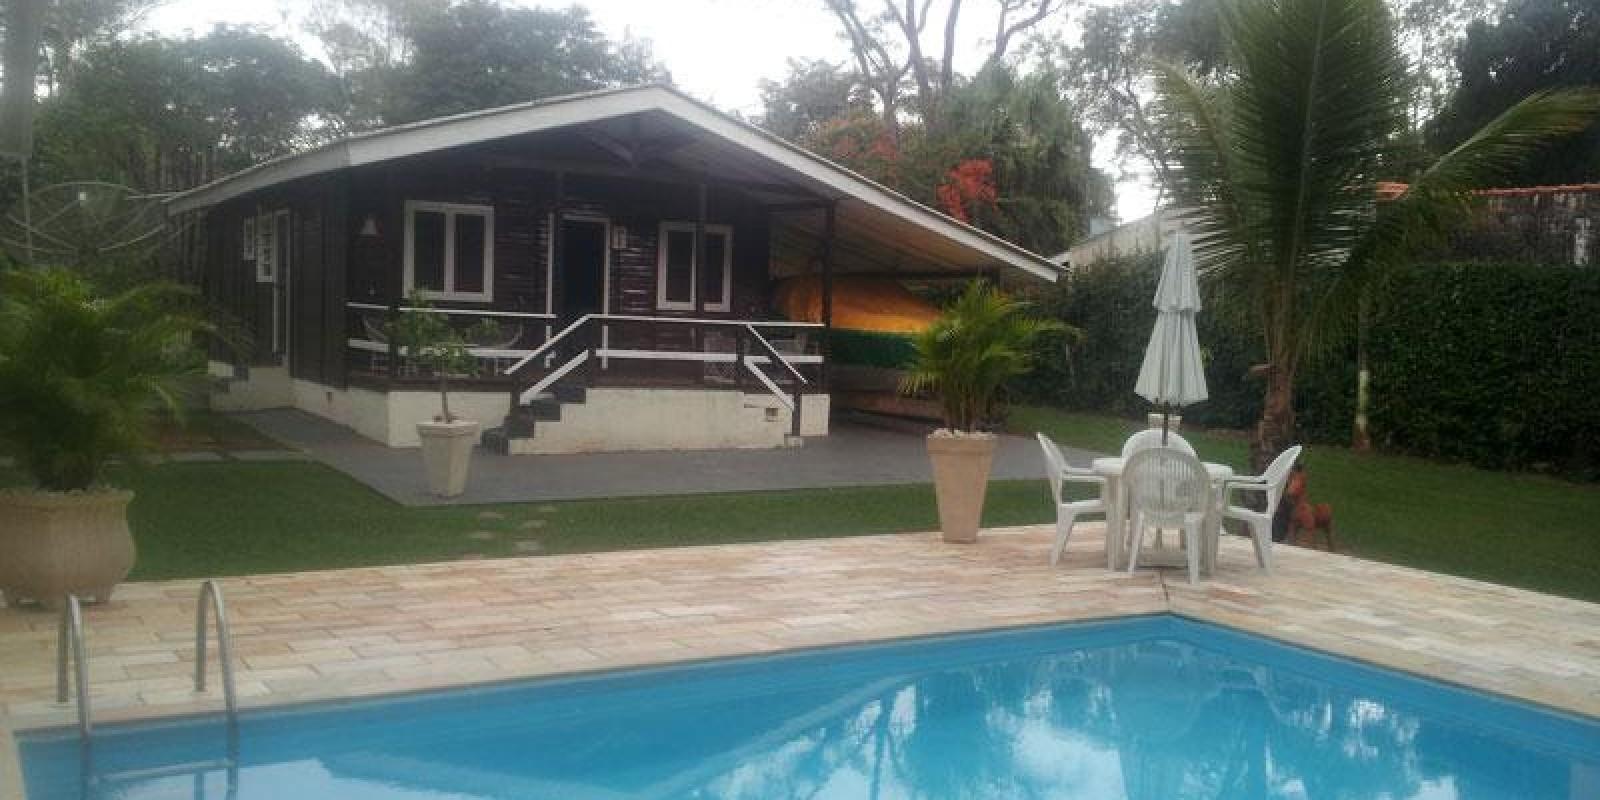 Casa na Represa Costa Azul em Avaré SP - Foto 9 de 20